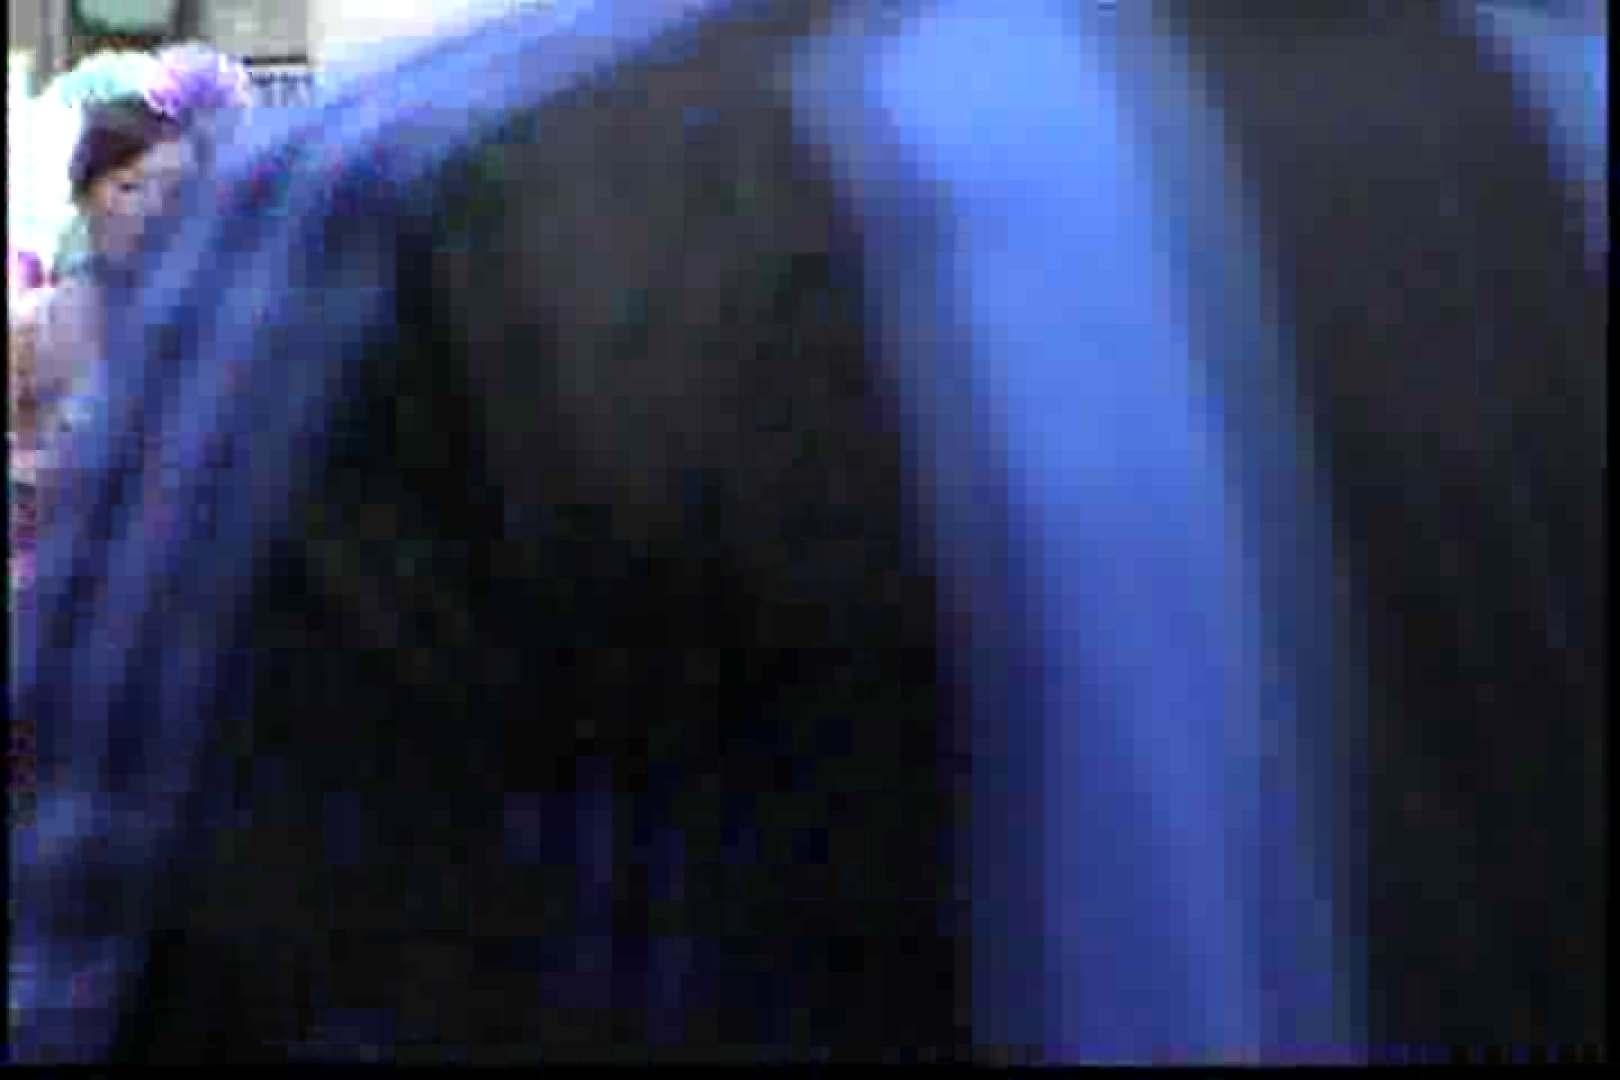 狂乱のサンバカーニバルVol.4 ギャルライフ   独身エッチOL  99pic 10